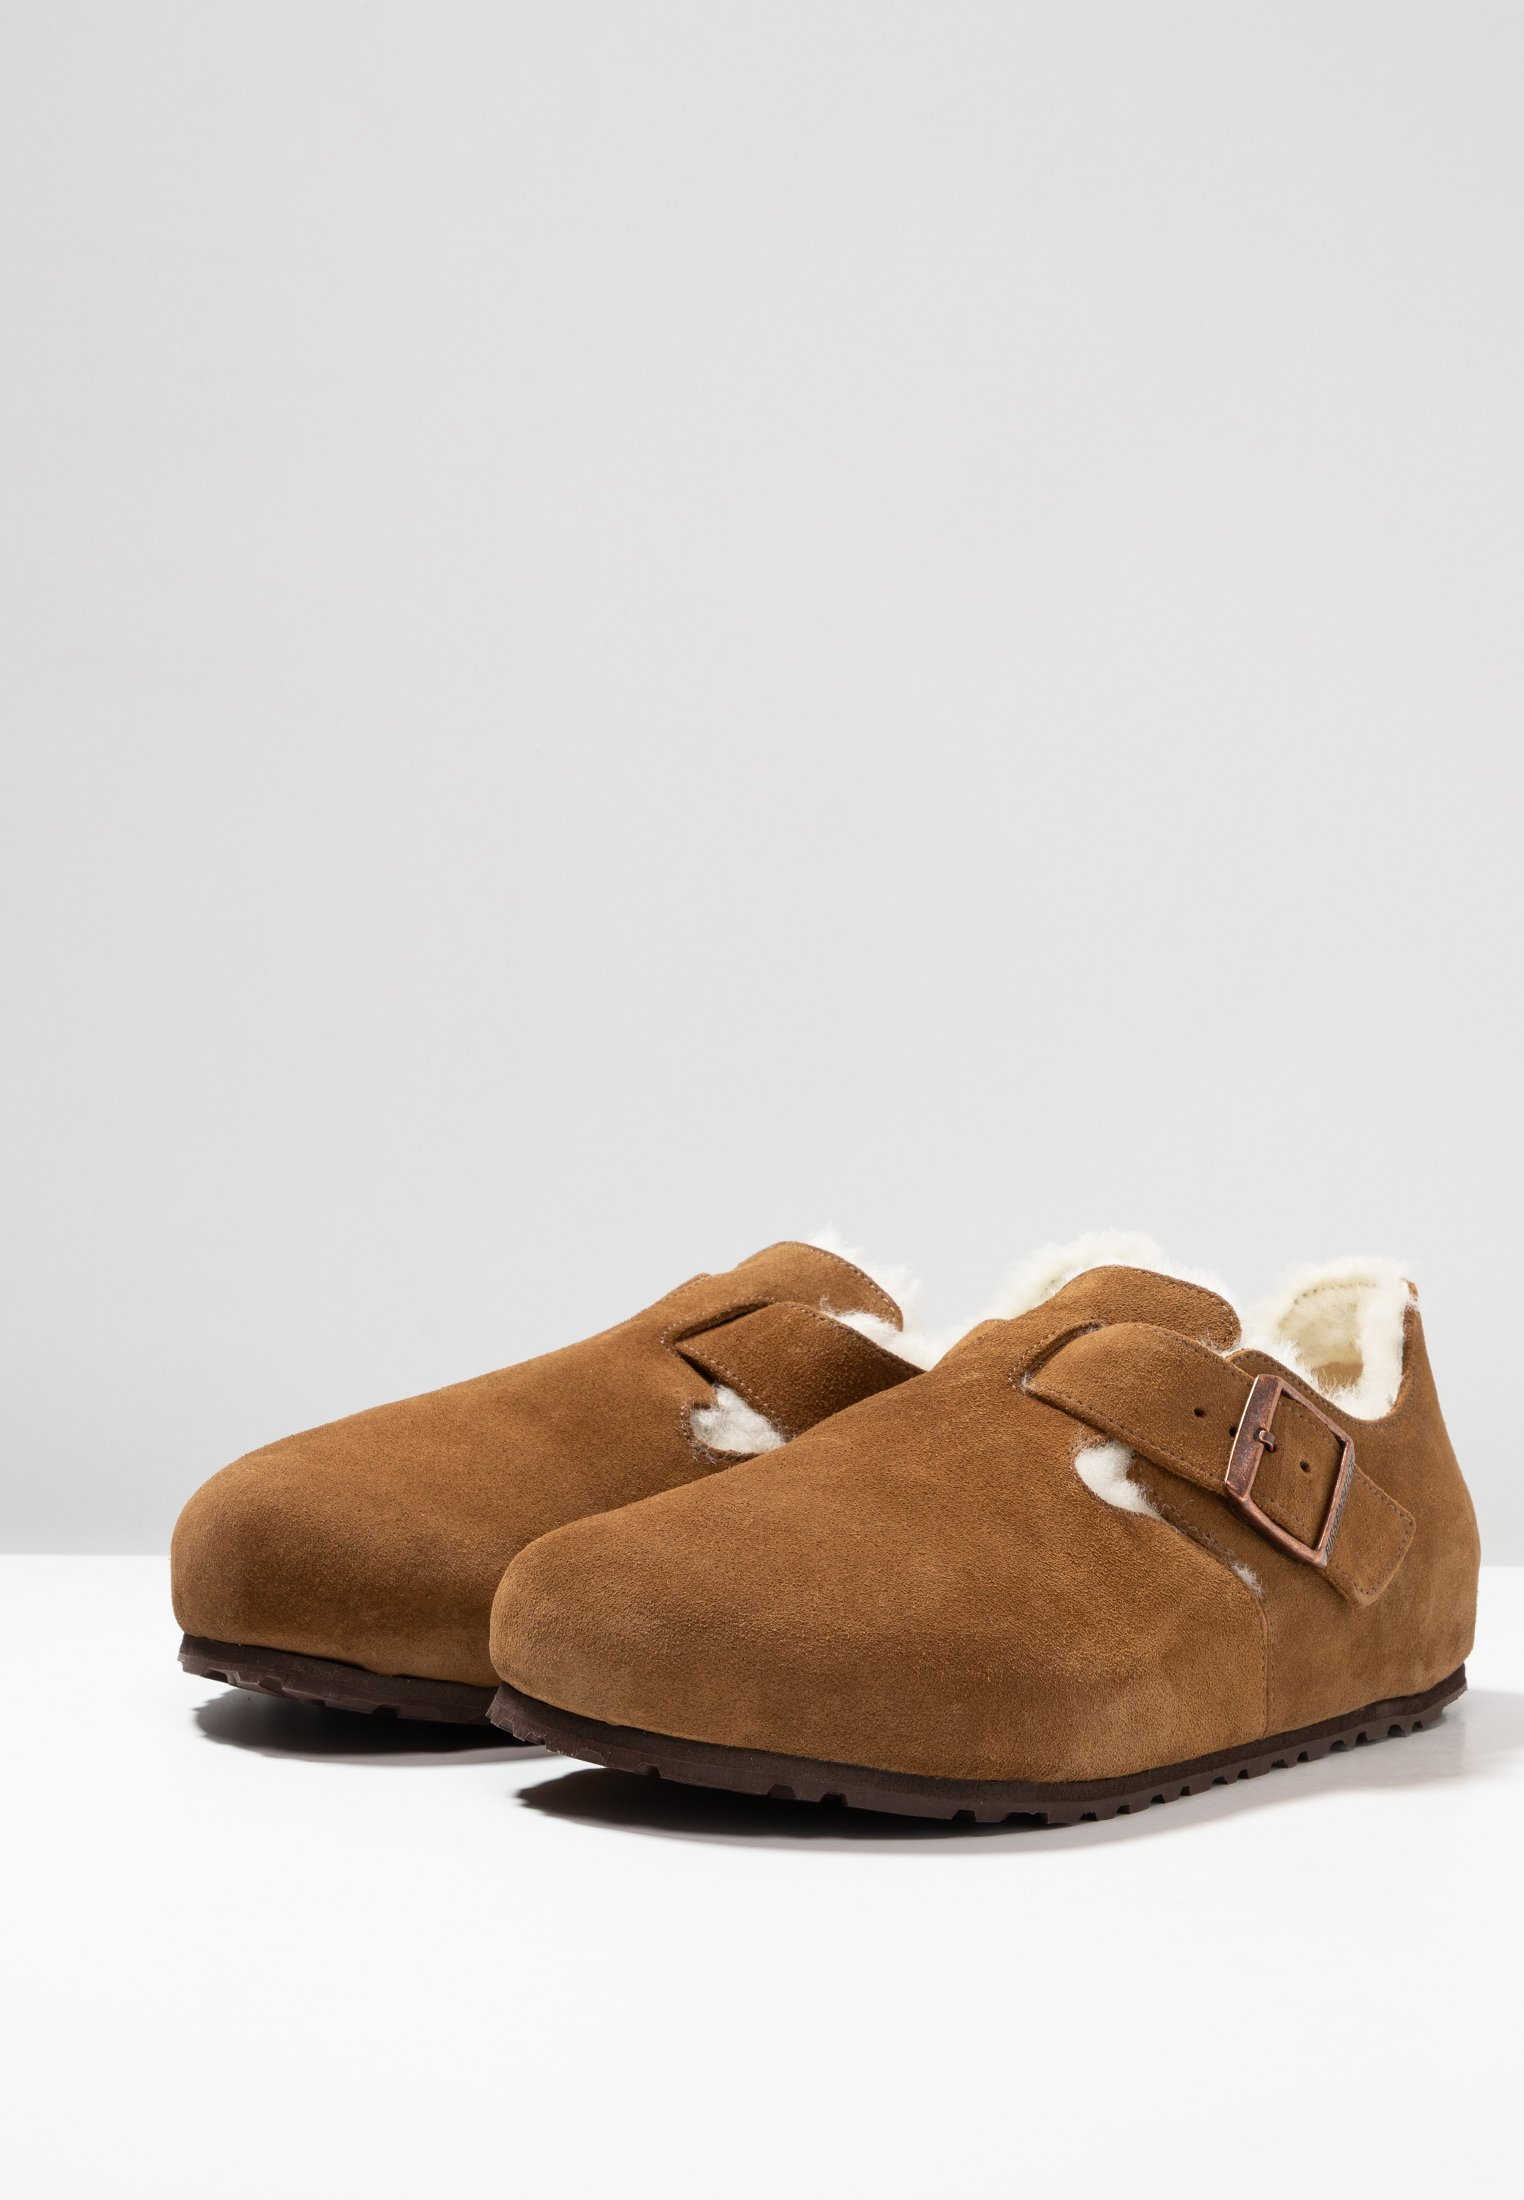 Cercando Scarpe da uomo Birkenstock LONDON Pantofole tea